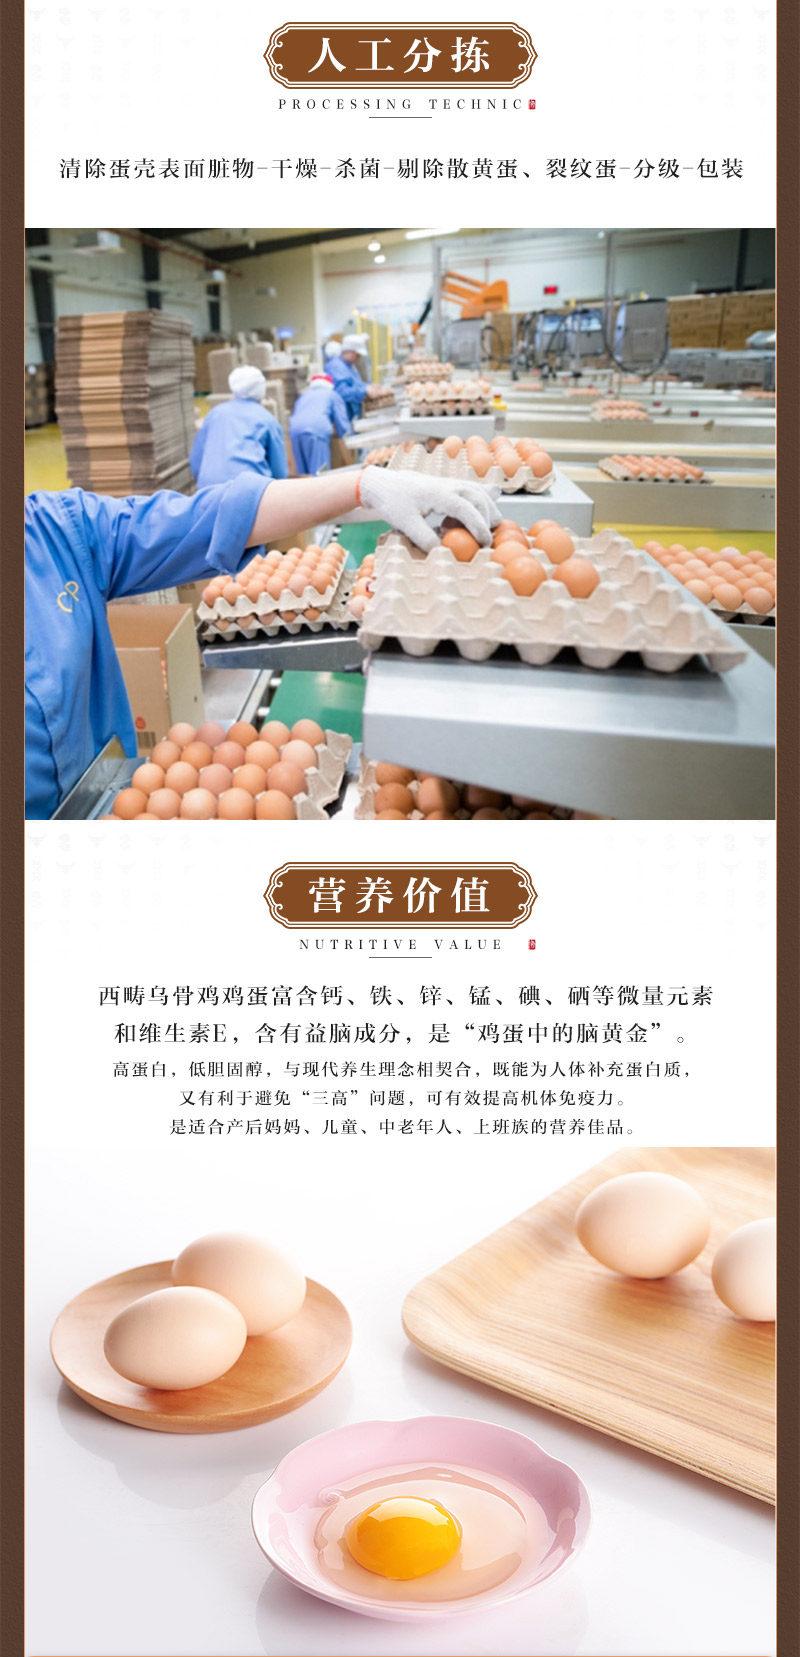 西畴乌骨鸡蛋_05